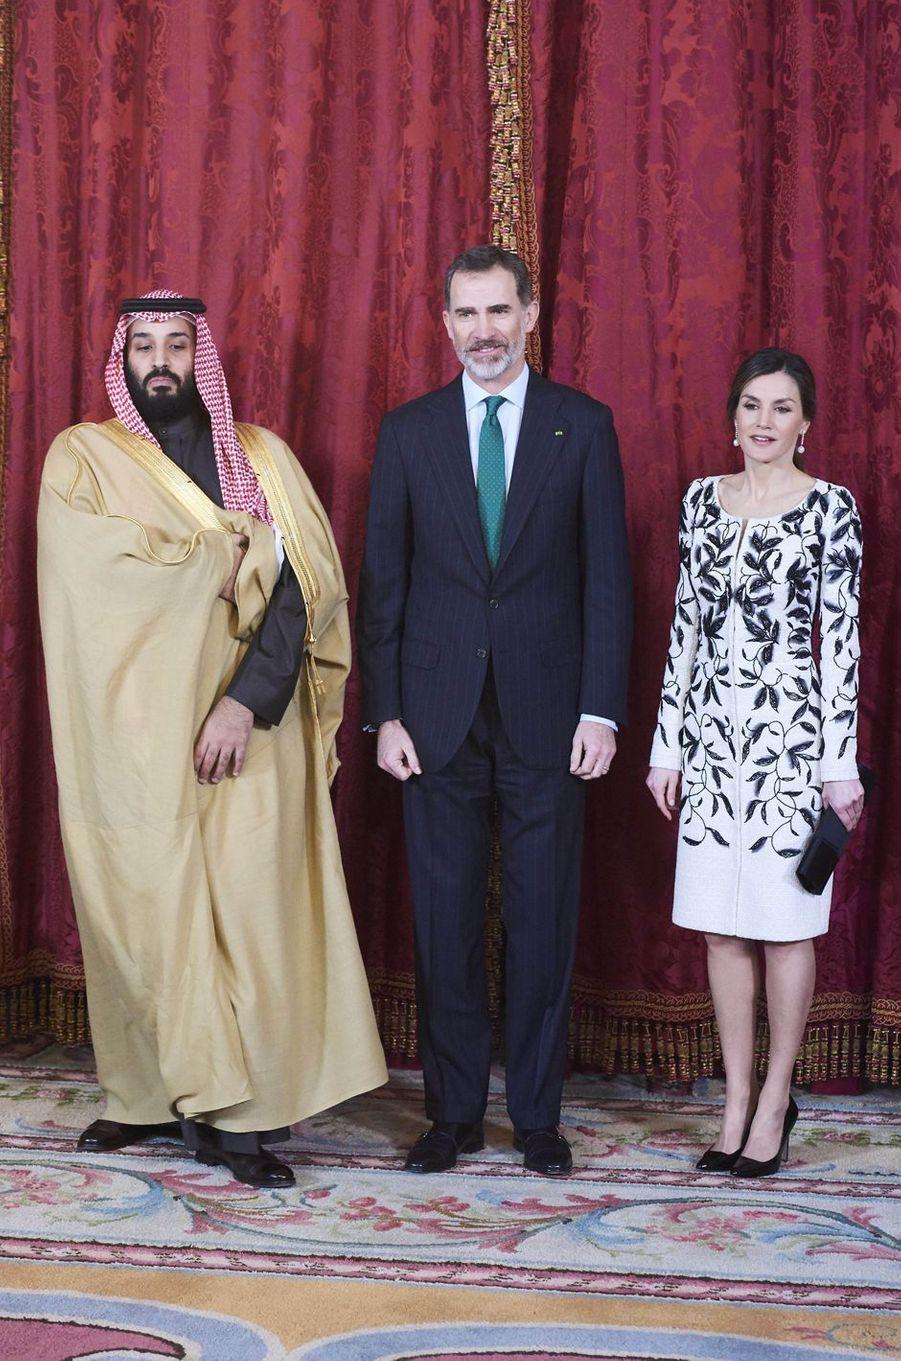 Le roi Felipe VI et la reine Letizia d'Espagne avec le prince héritier saoudien Mohammed ben Salmane à Madrid, le 12 avril 2018